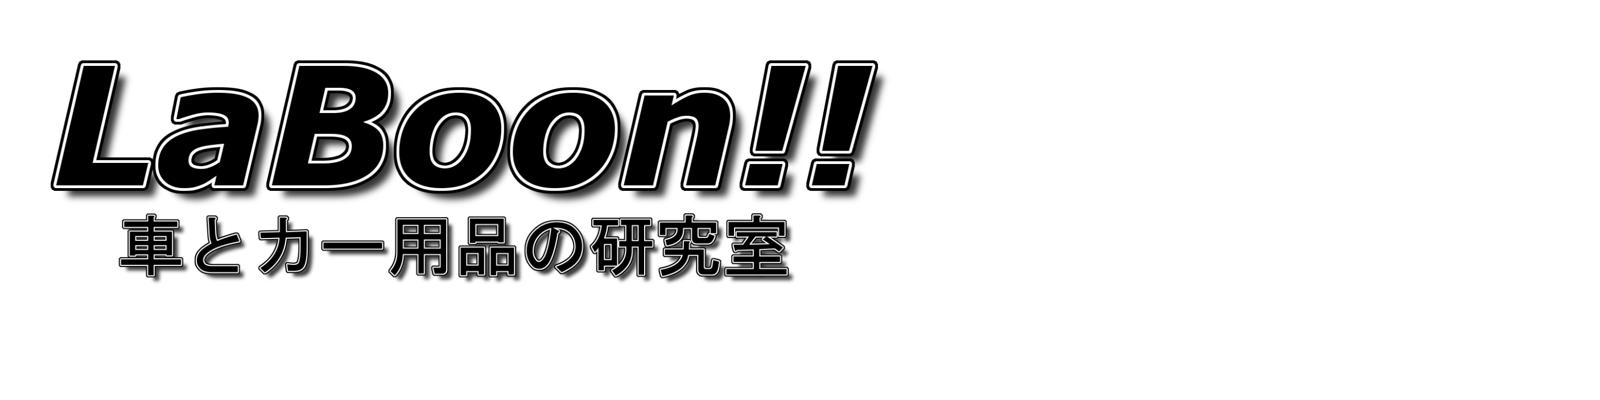 ドライブレコーダーの専門サイト LaBoon!!(ラブーン)